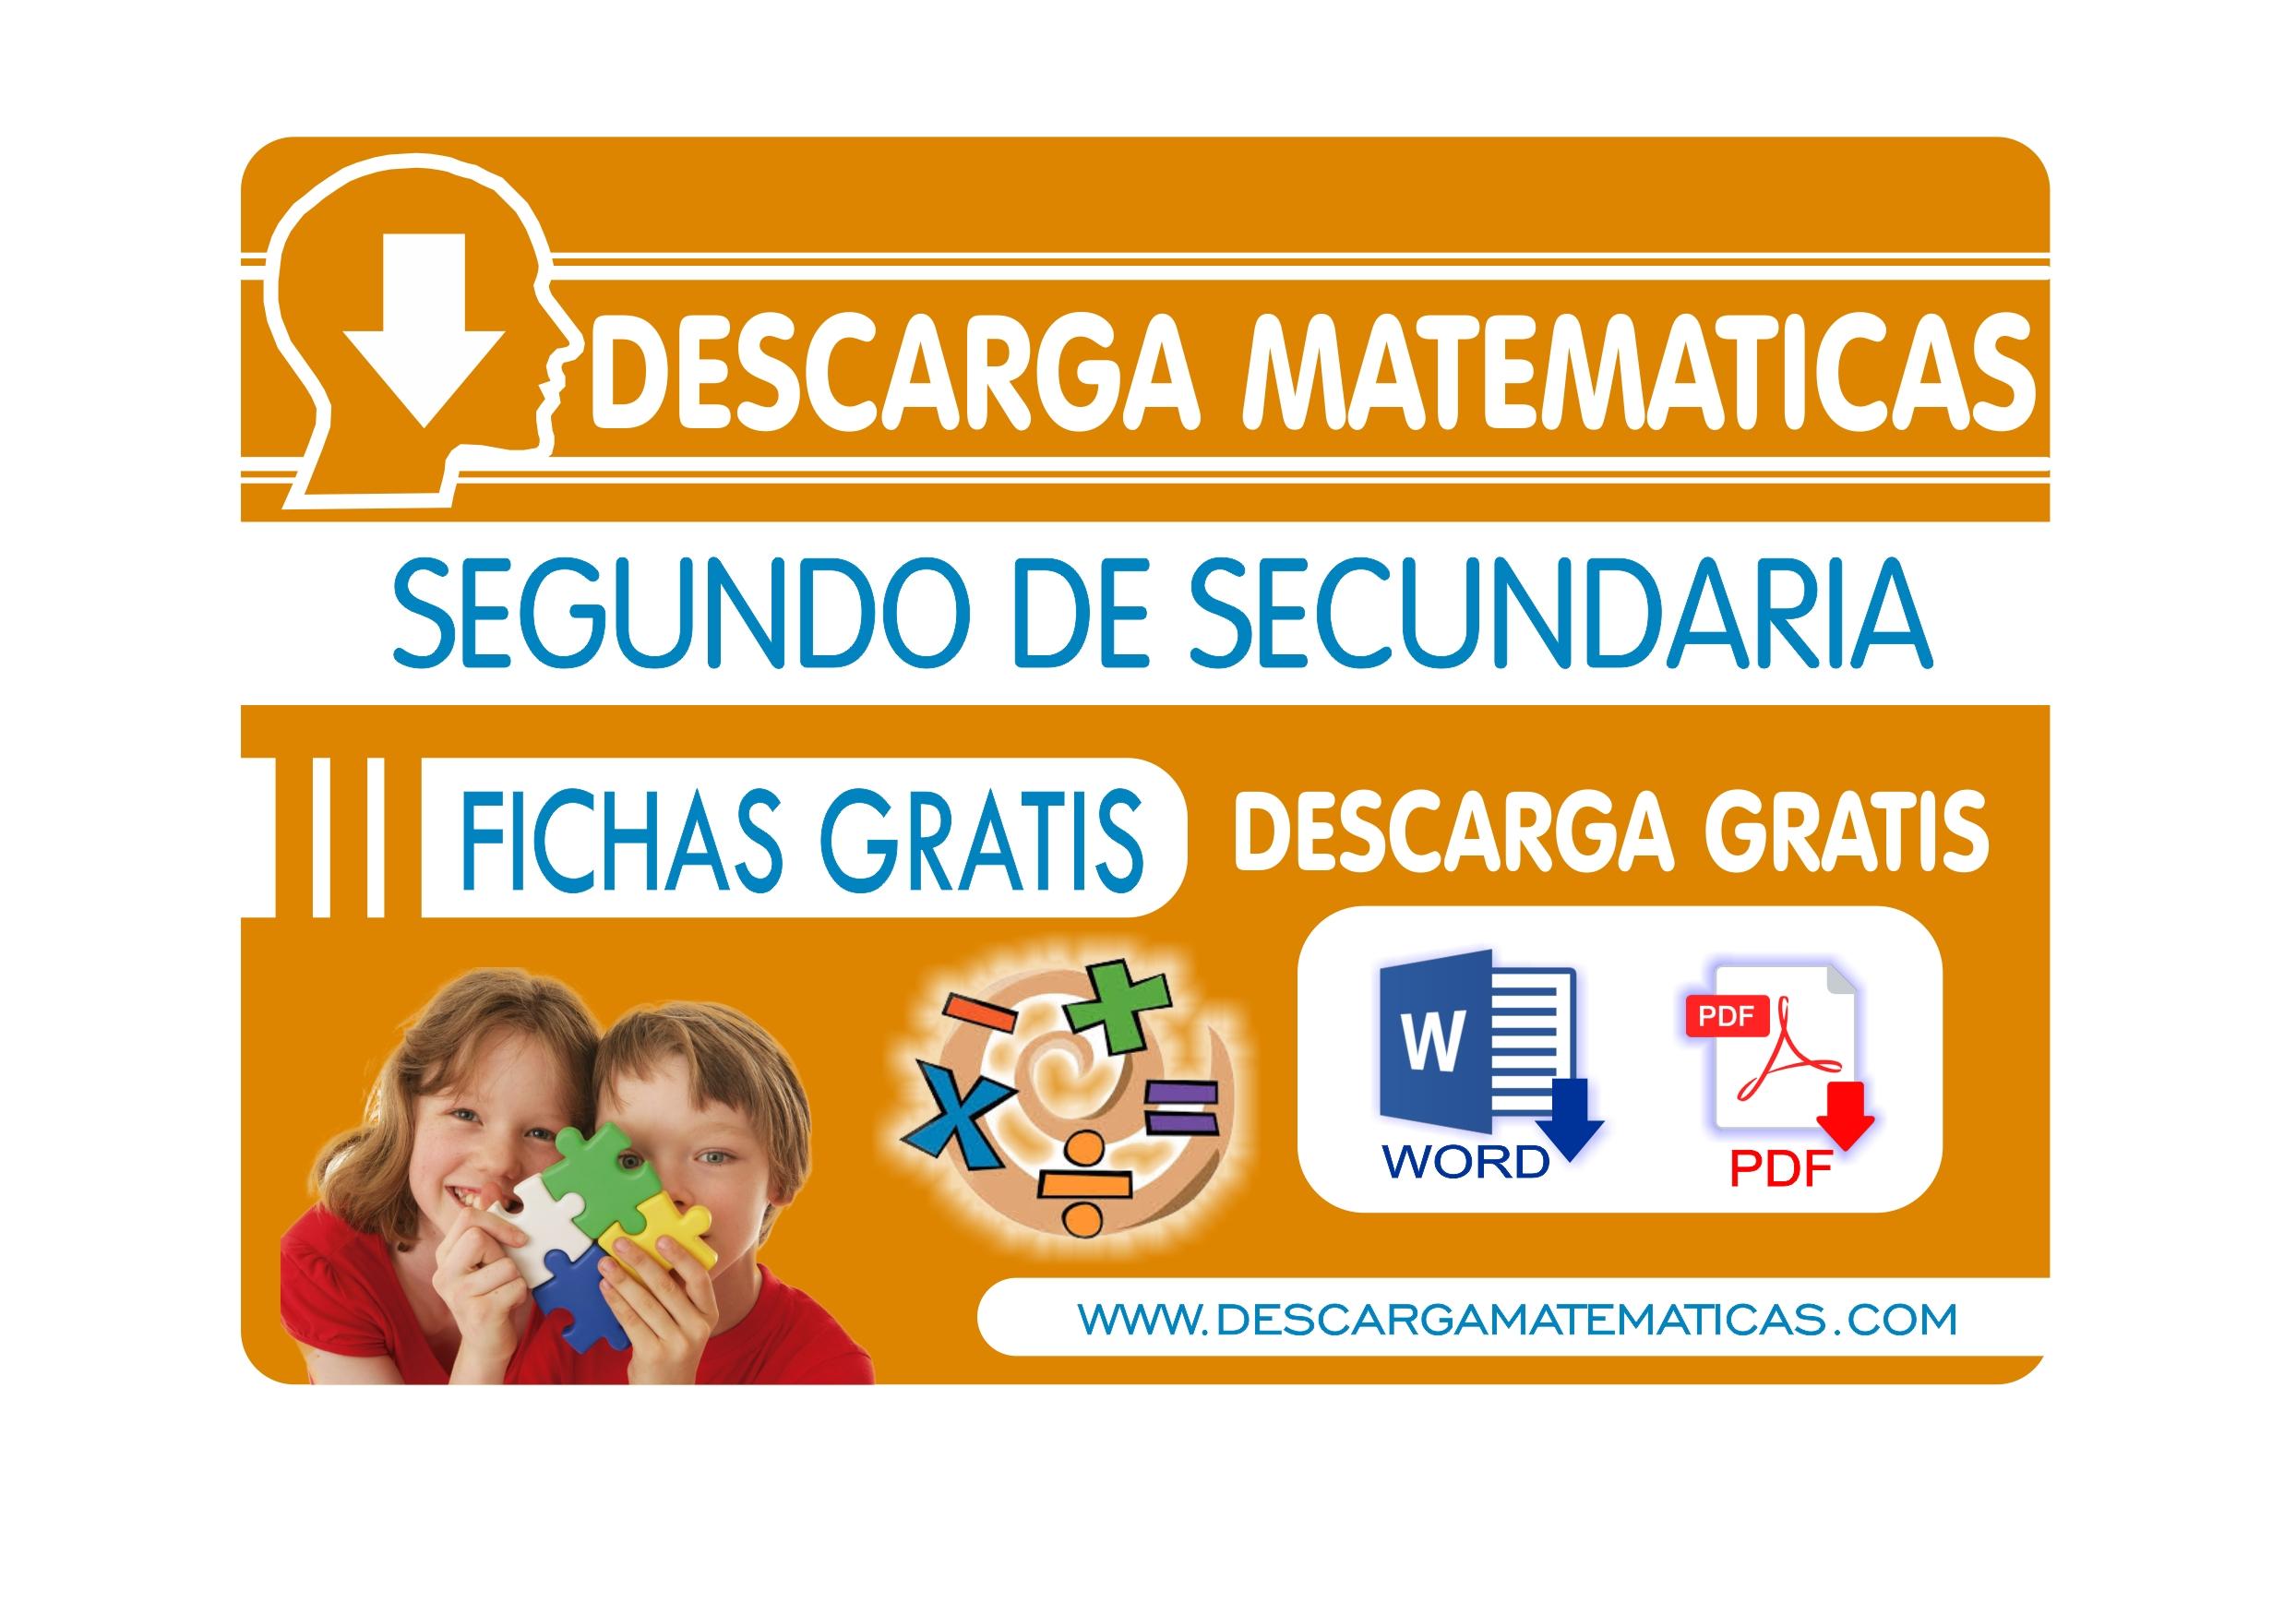 Segundo De Secundaria Descarga Matematicas